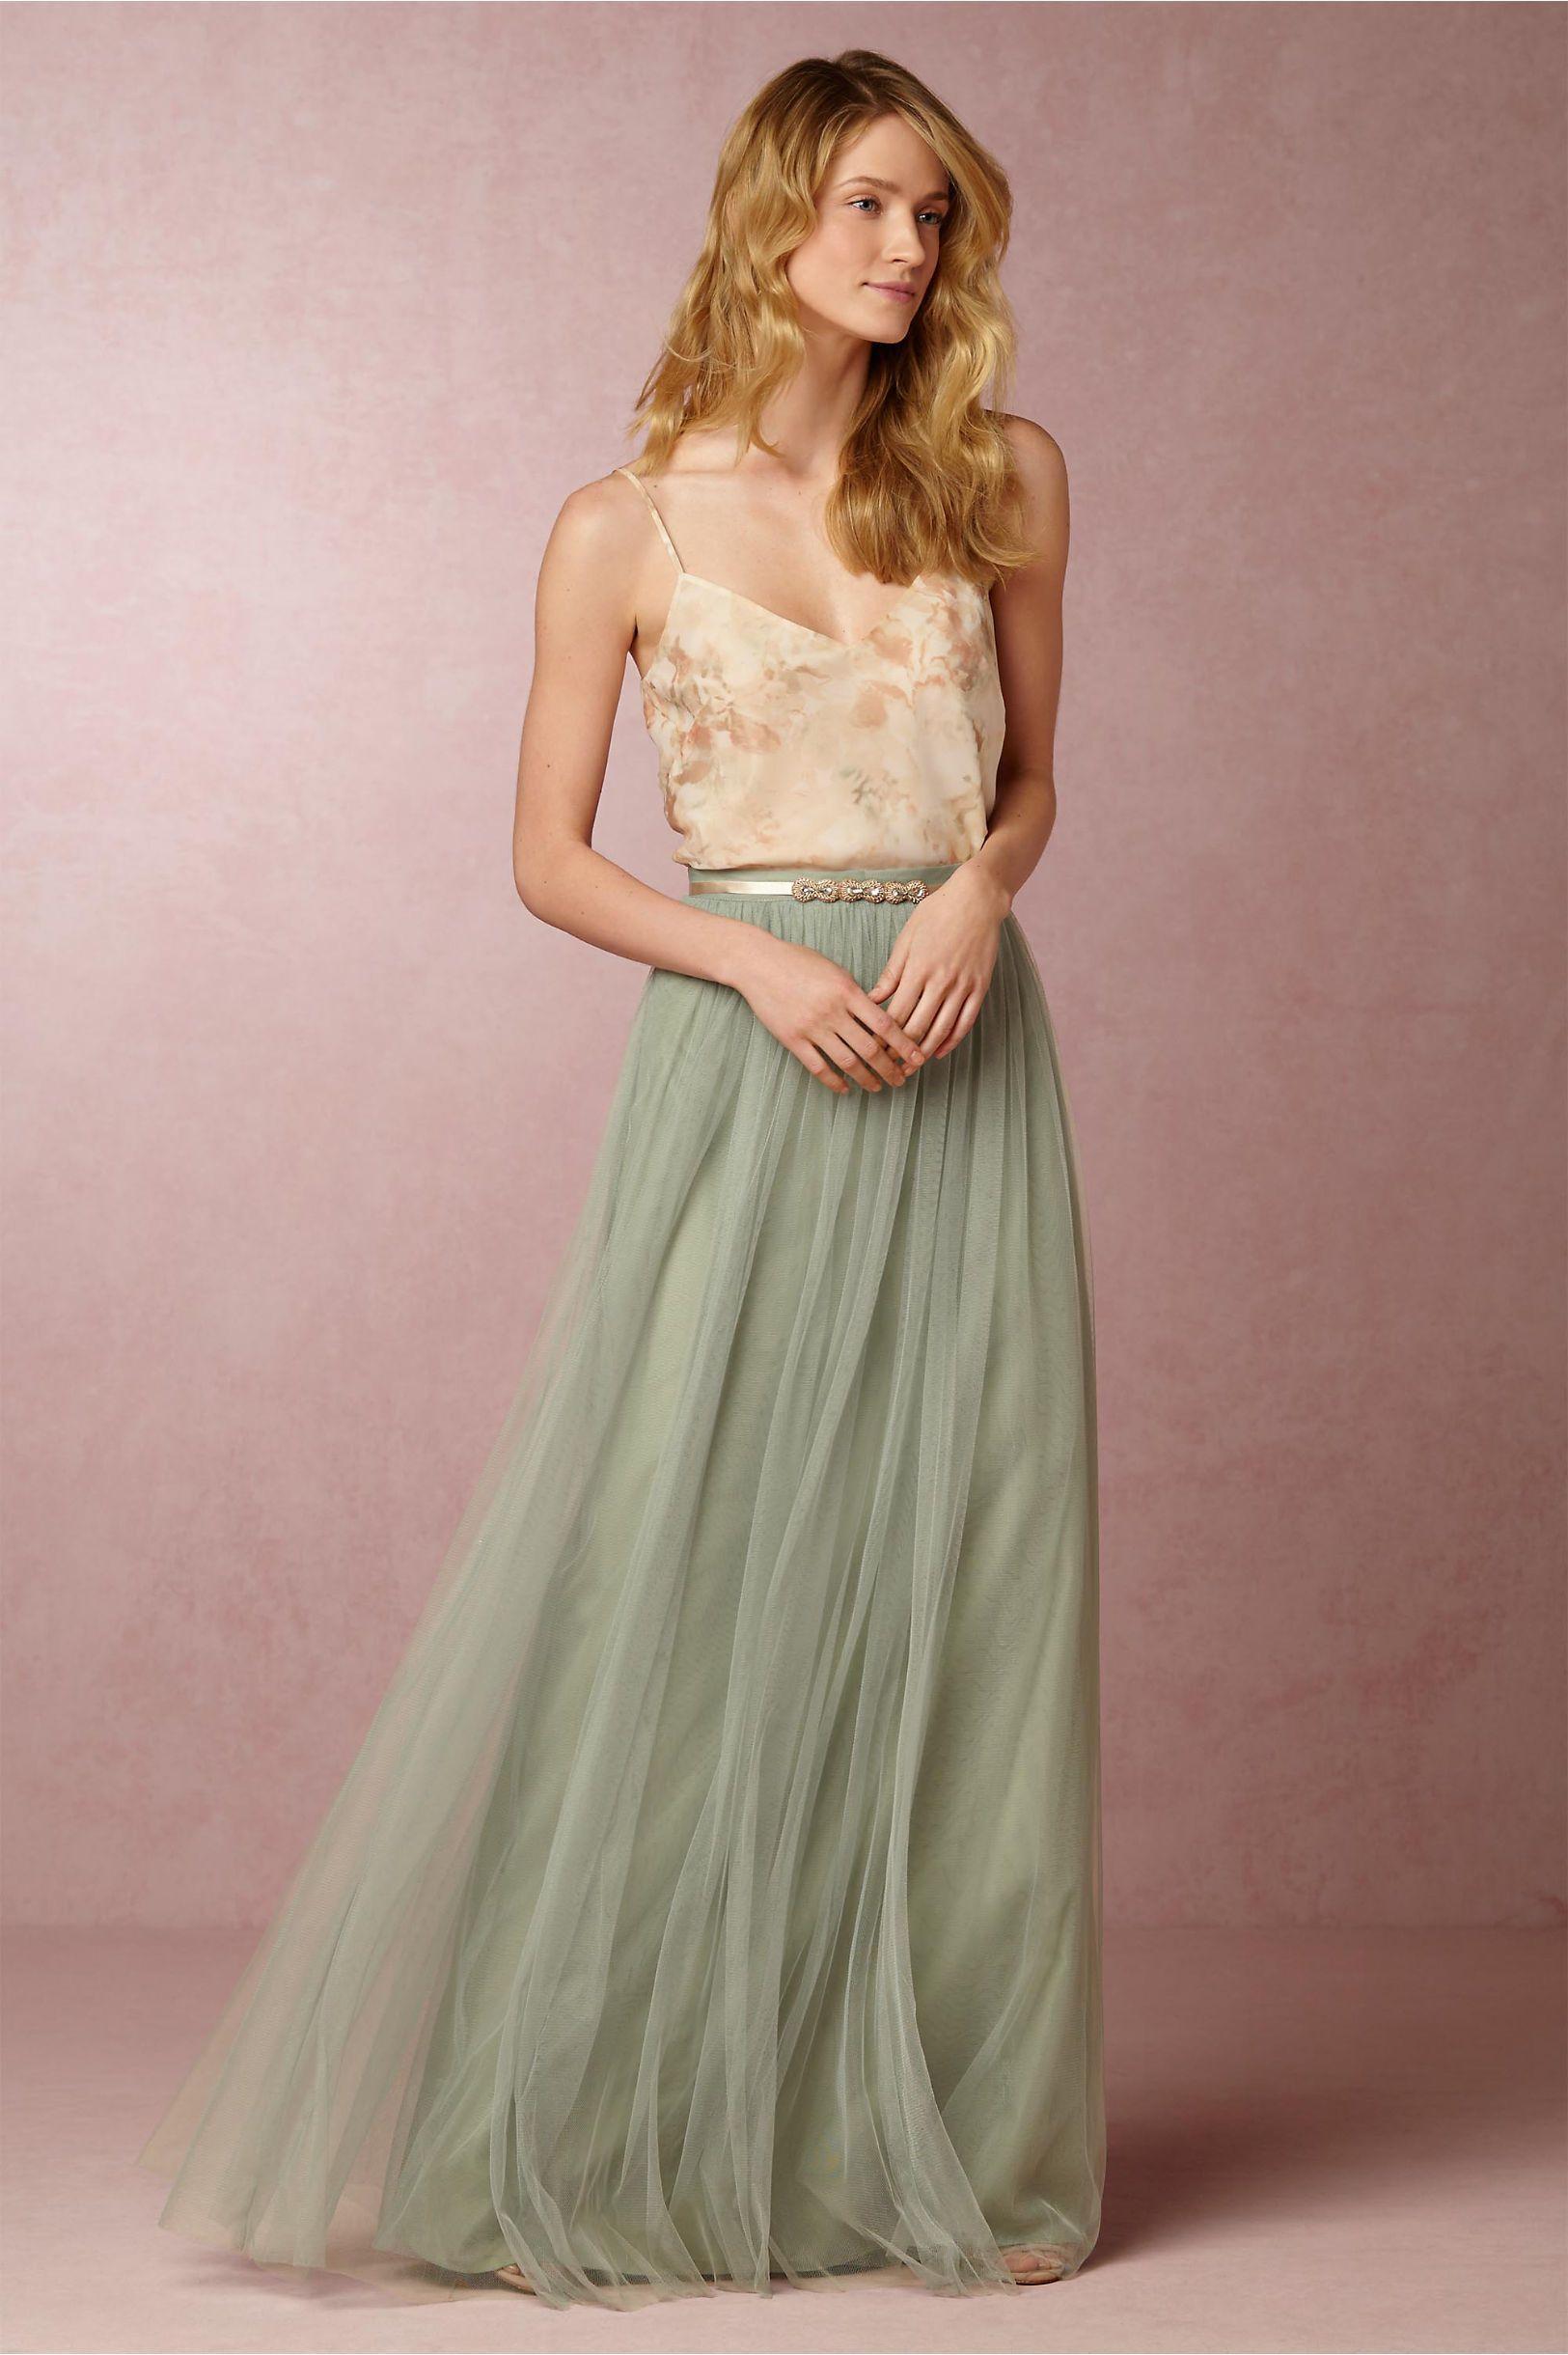 Abendkleider Hochzeitsgast # Abendkleider # Gast # Hochzeit